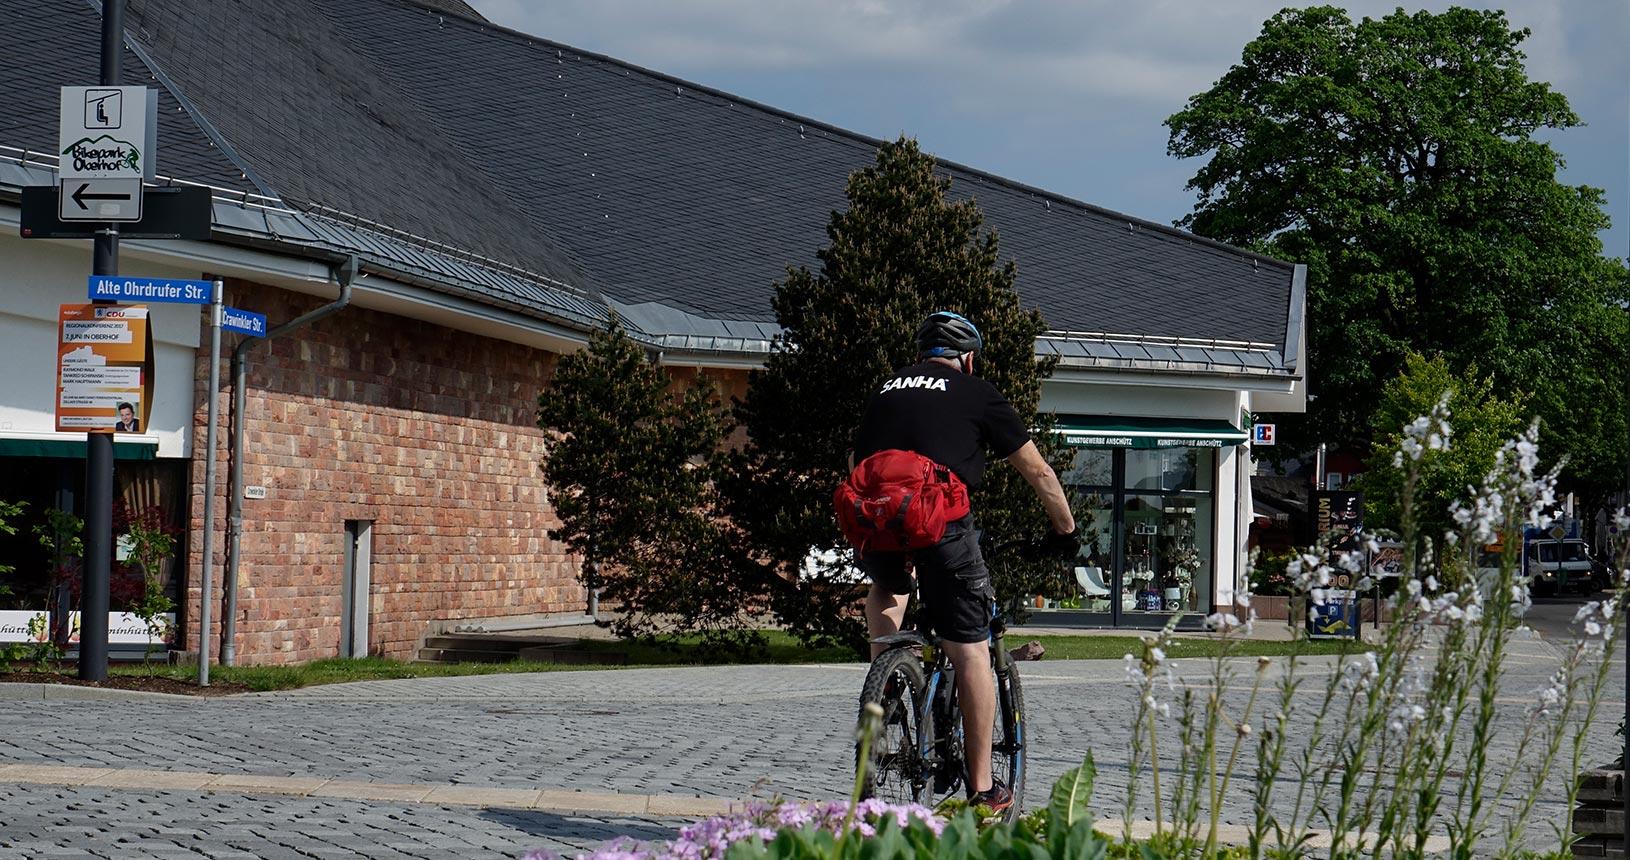 Oberhof im Sommer, Radfahrer am Stadtplatz